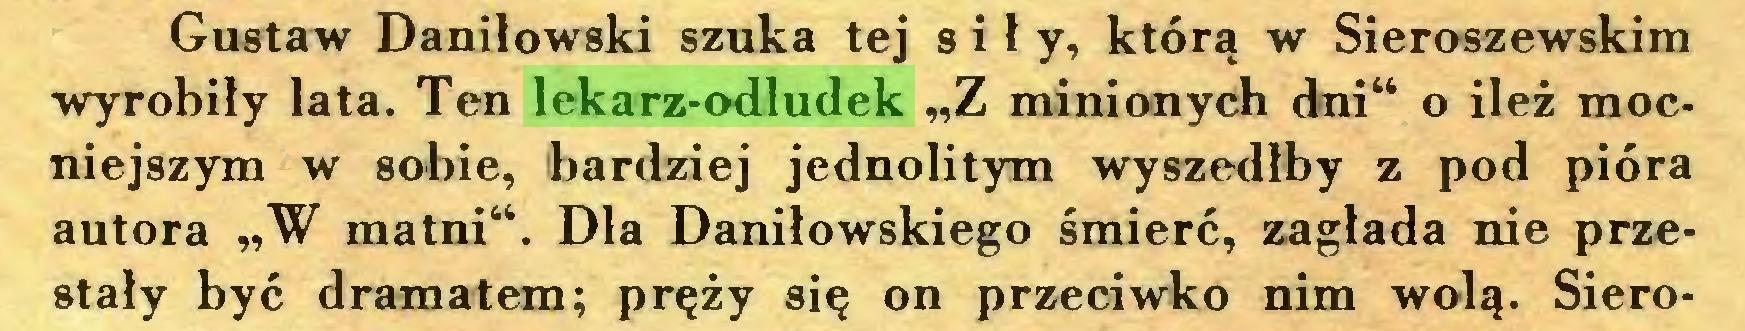 """(...) Gustaw Daniłowski szuka tej sił y, którą w Sieroszewskim wyrobiły lata. Ten lekarz-odludek """"Z minionych dni"""" o ileż mocniejszym w sobie, bardziej jednolitym wyszedłby z pod pióra autora """"W matni"""". Dla Daniłowskiego śmierć, zagłada nie przestały być dramatem; pręży się on przeciwko nim wolą. Siero..."""